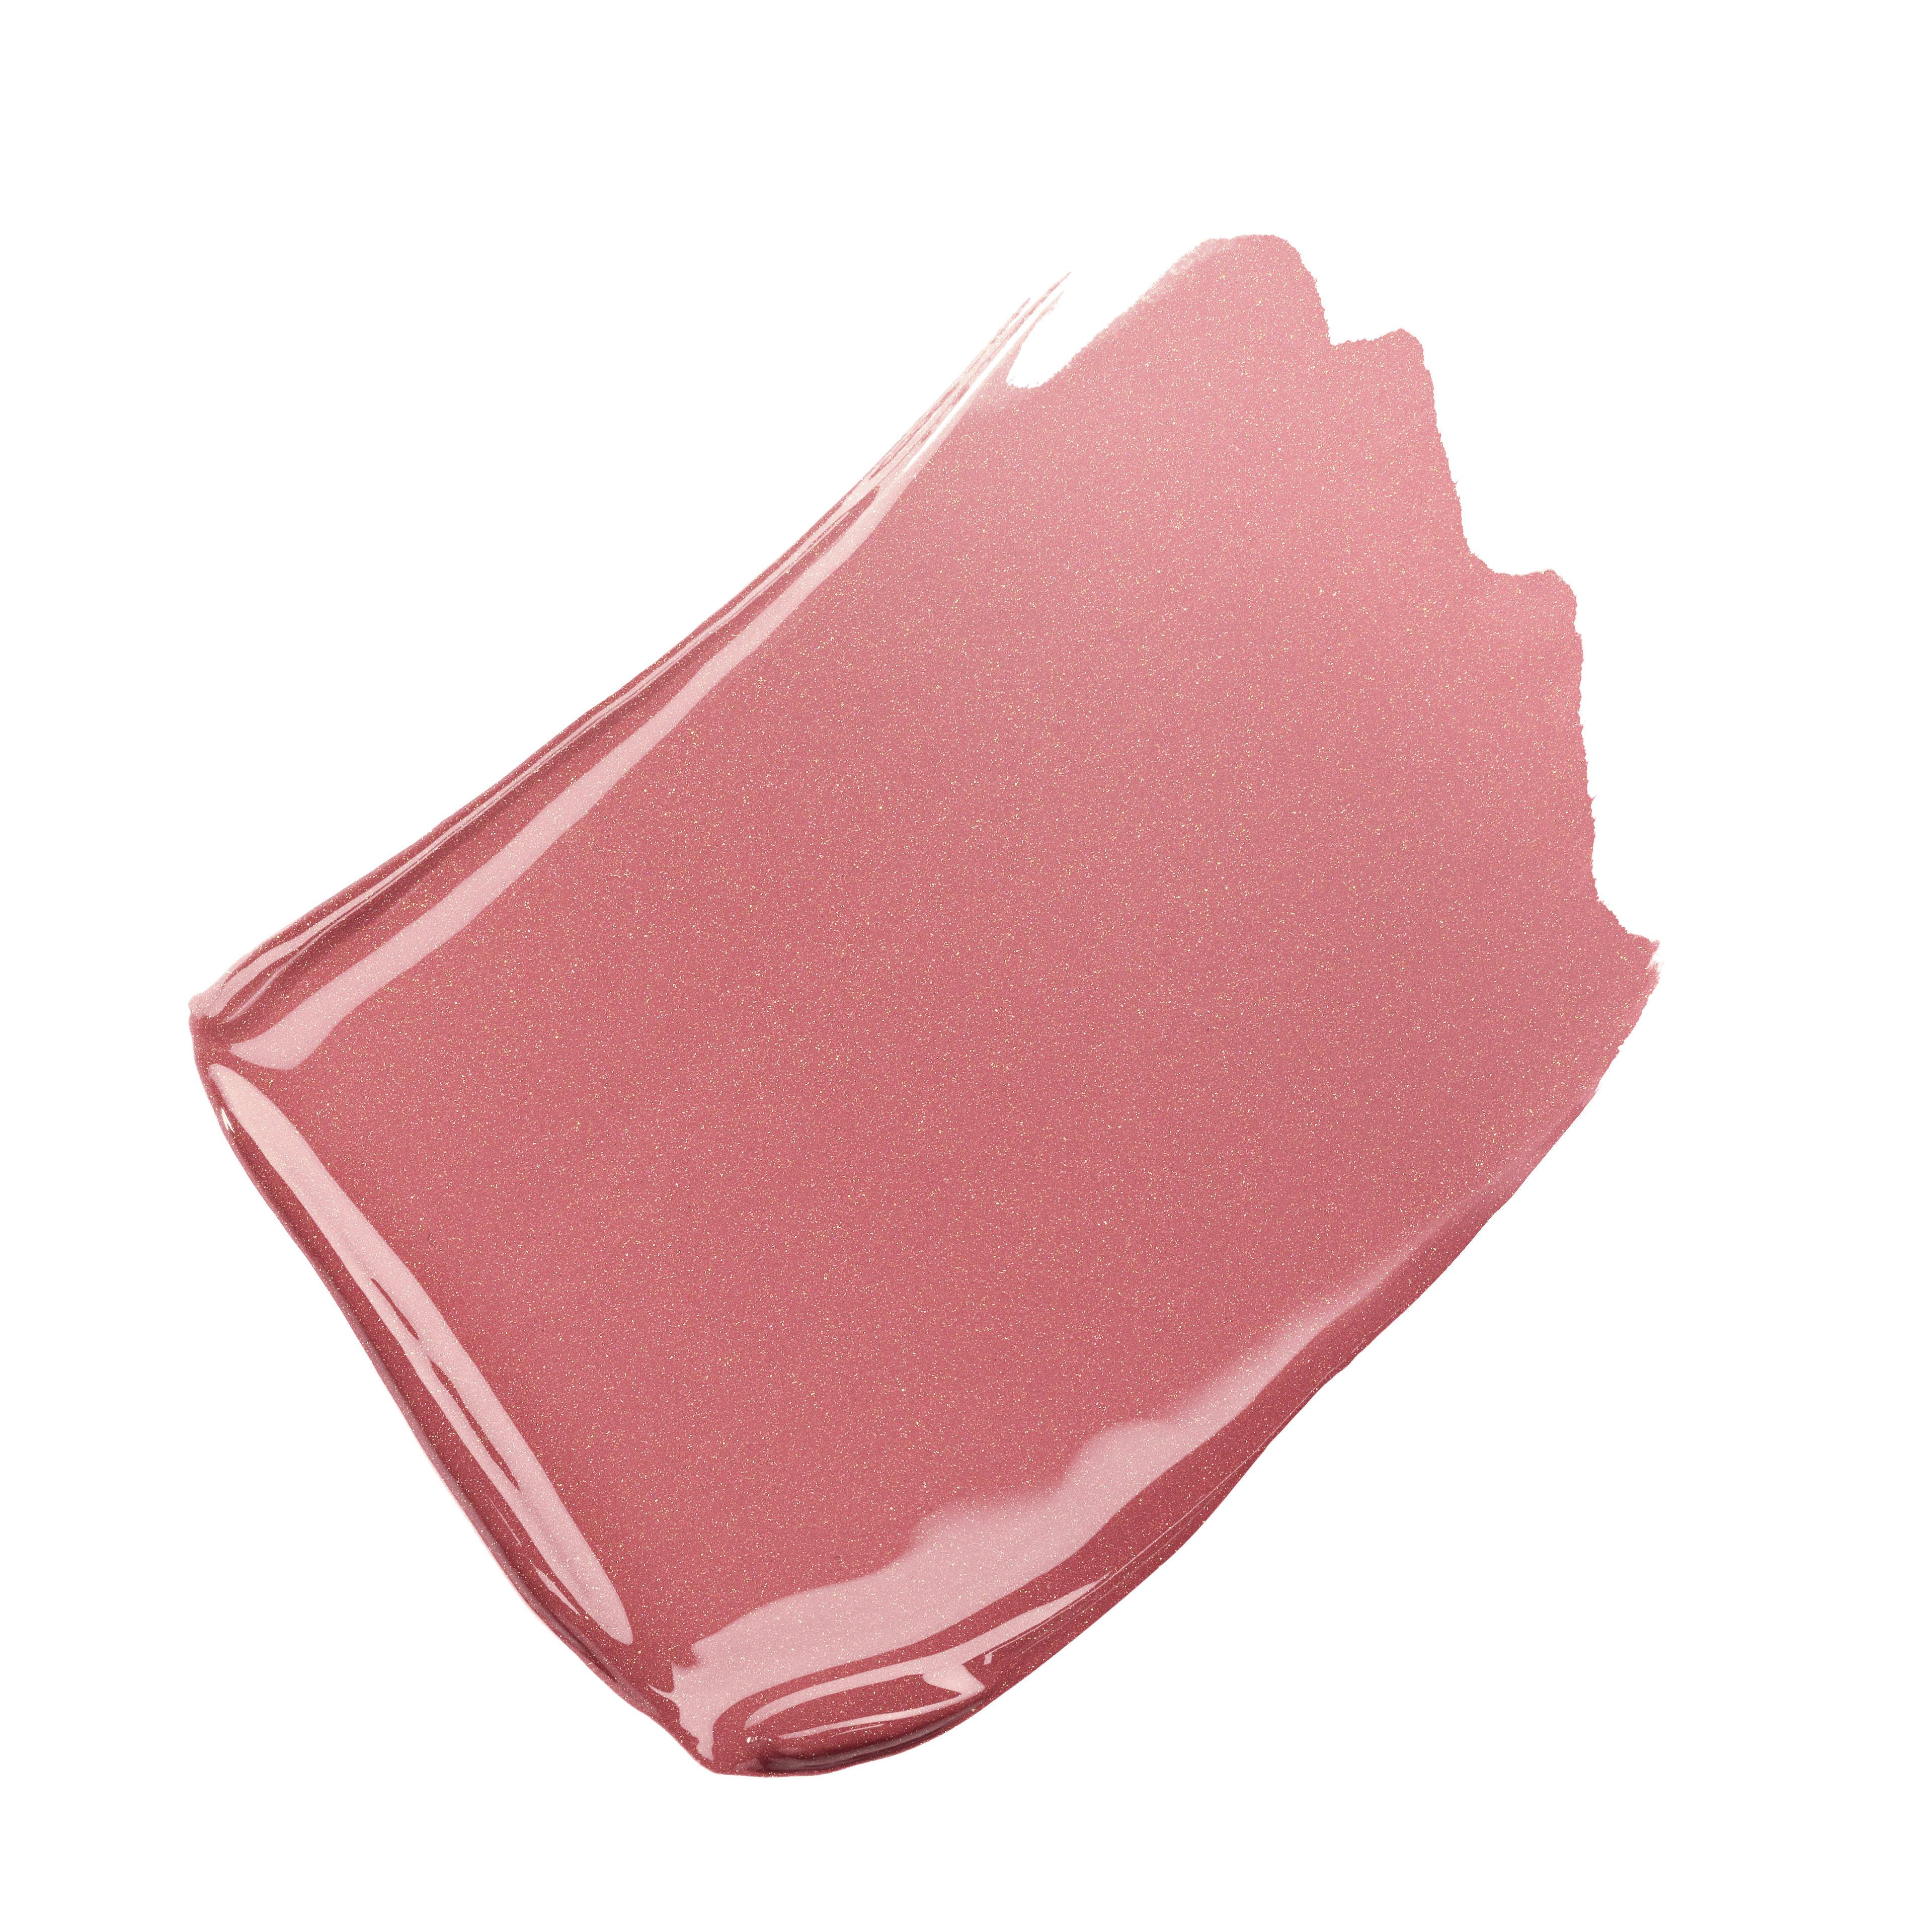 LE ROUGE DUO ULTRA TENUE - makeup - 0.26FL. OZ. - Basic texture view